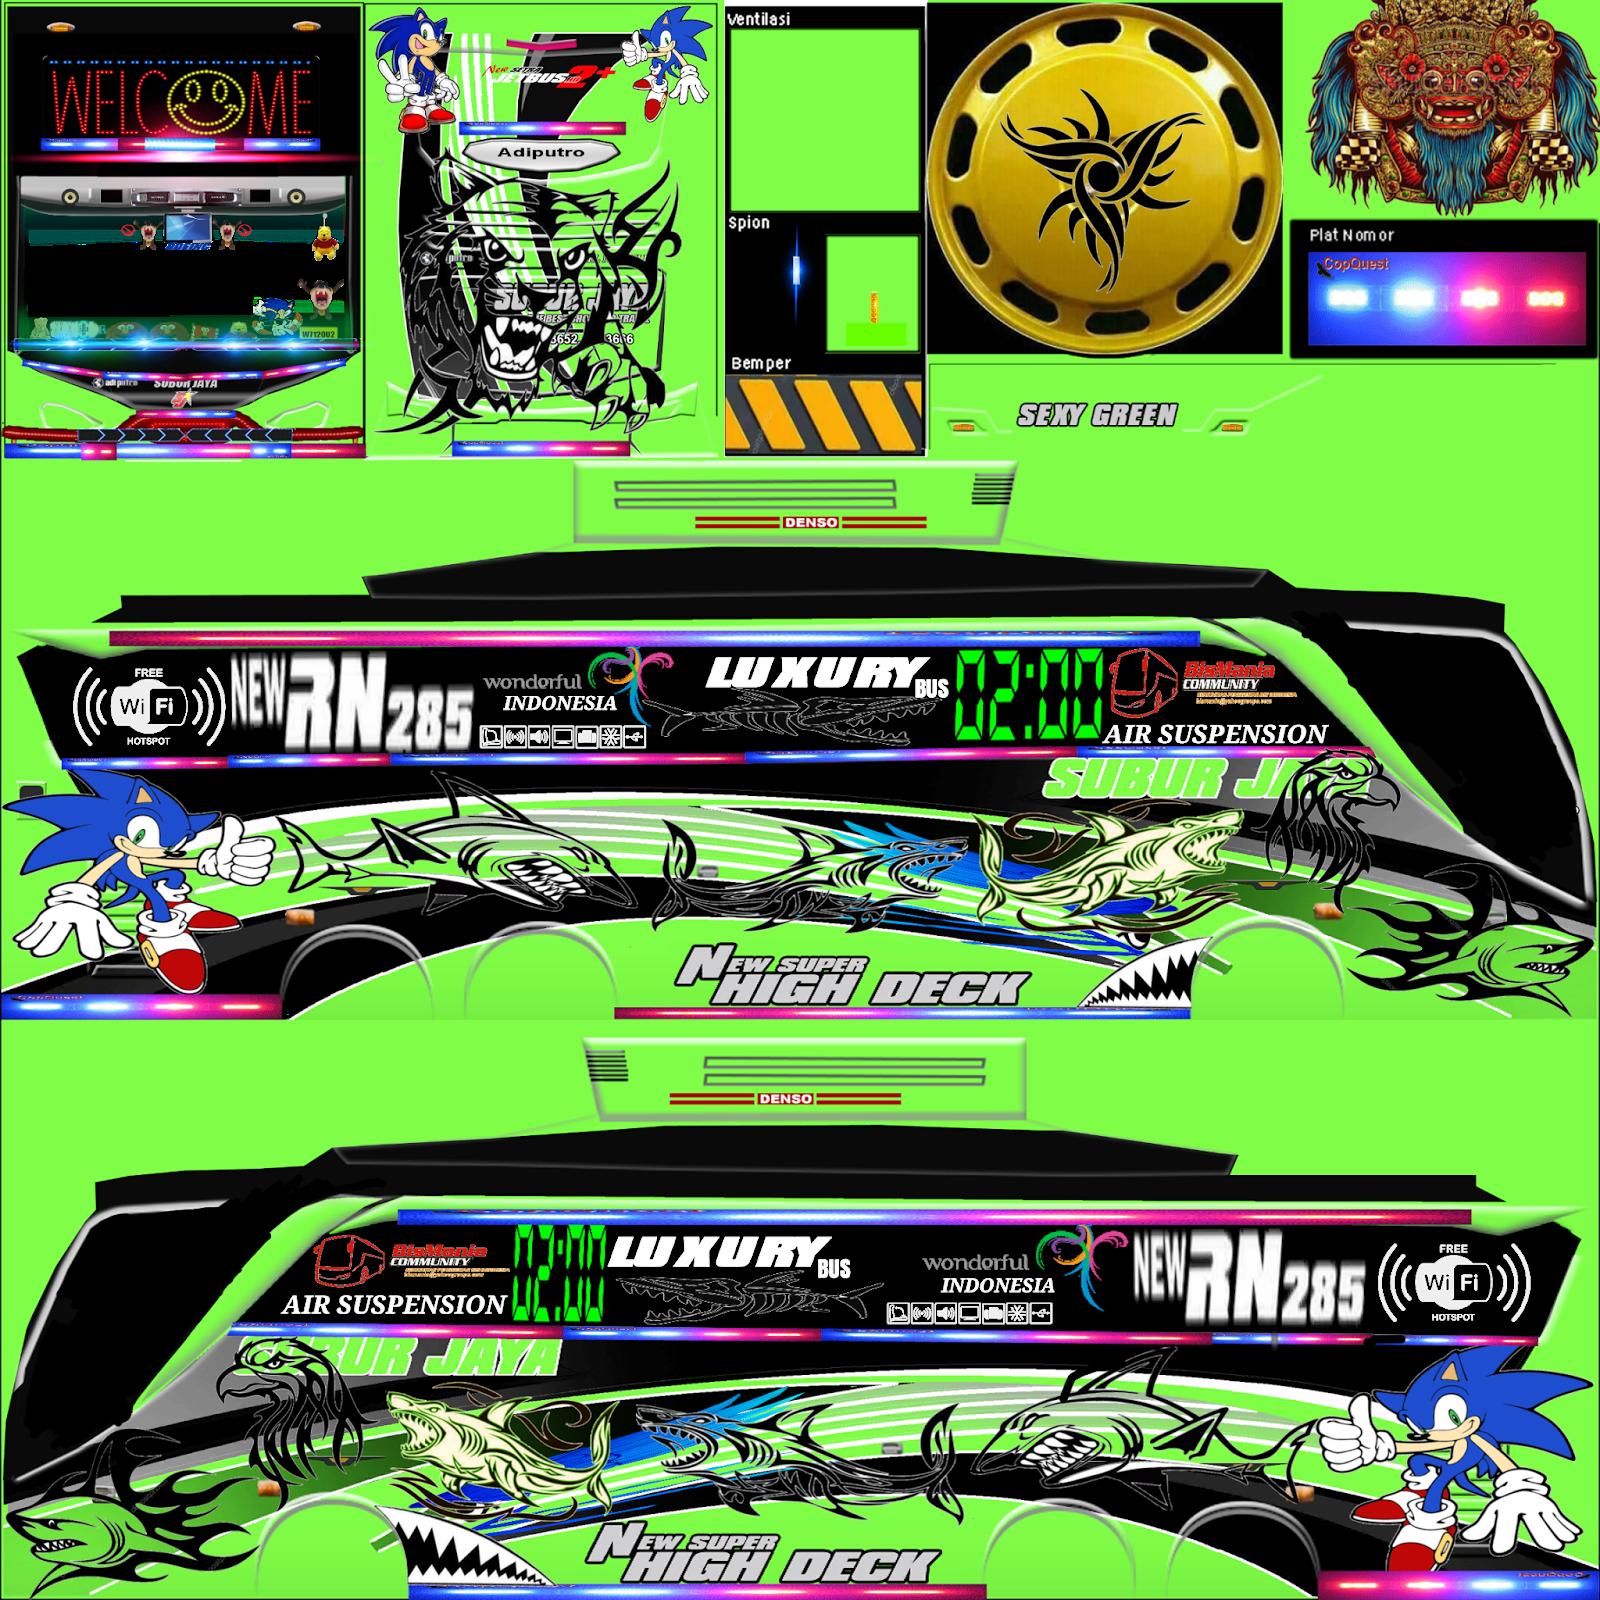 Menakjubkan 15 Stiker Bus Simulator Keren Shd Gudang Gambar Hd Bus Simulator Bus Simulator Indonesia Bus Games